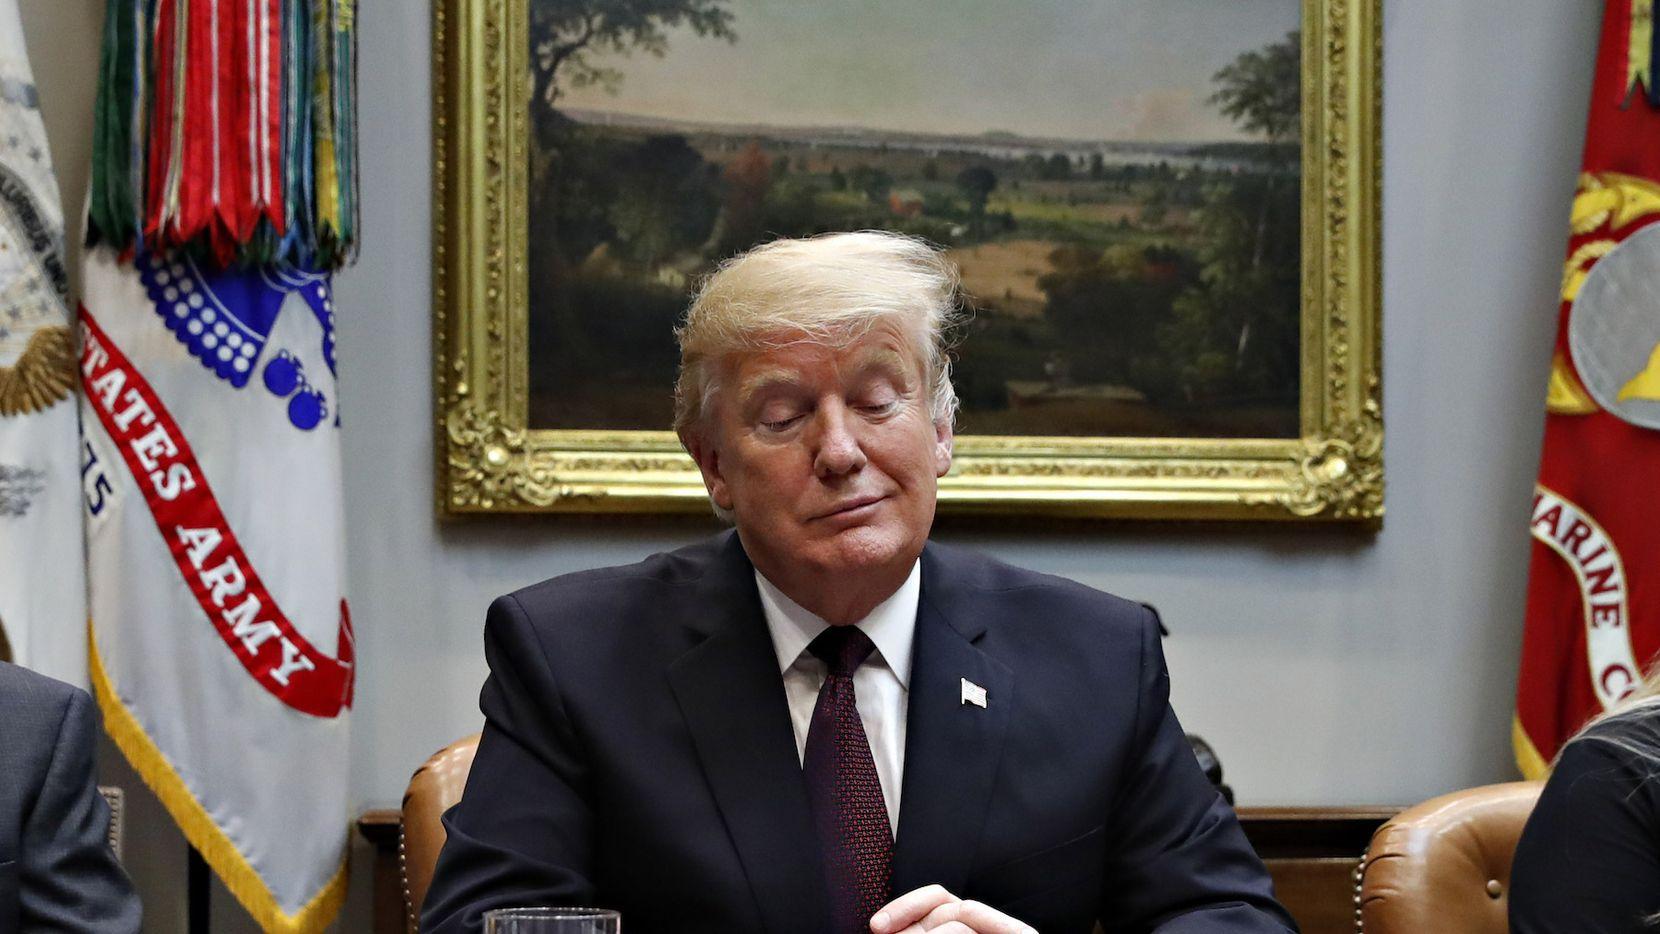 El presidente Donald Trump en la Casa Blanca. AP